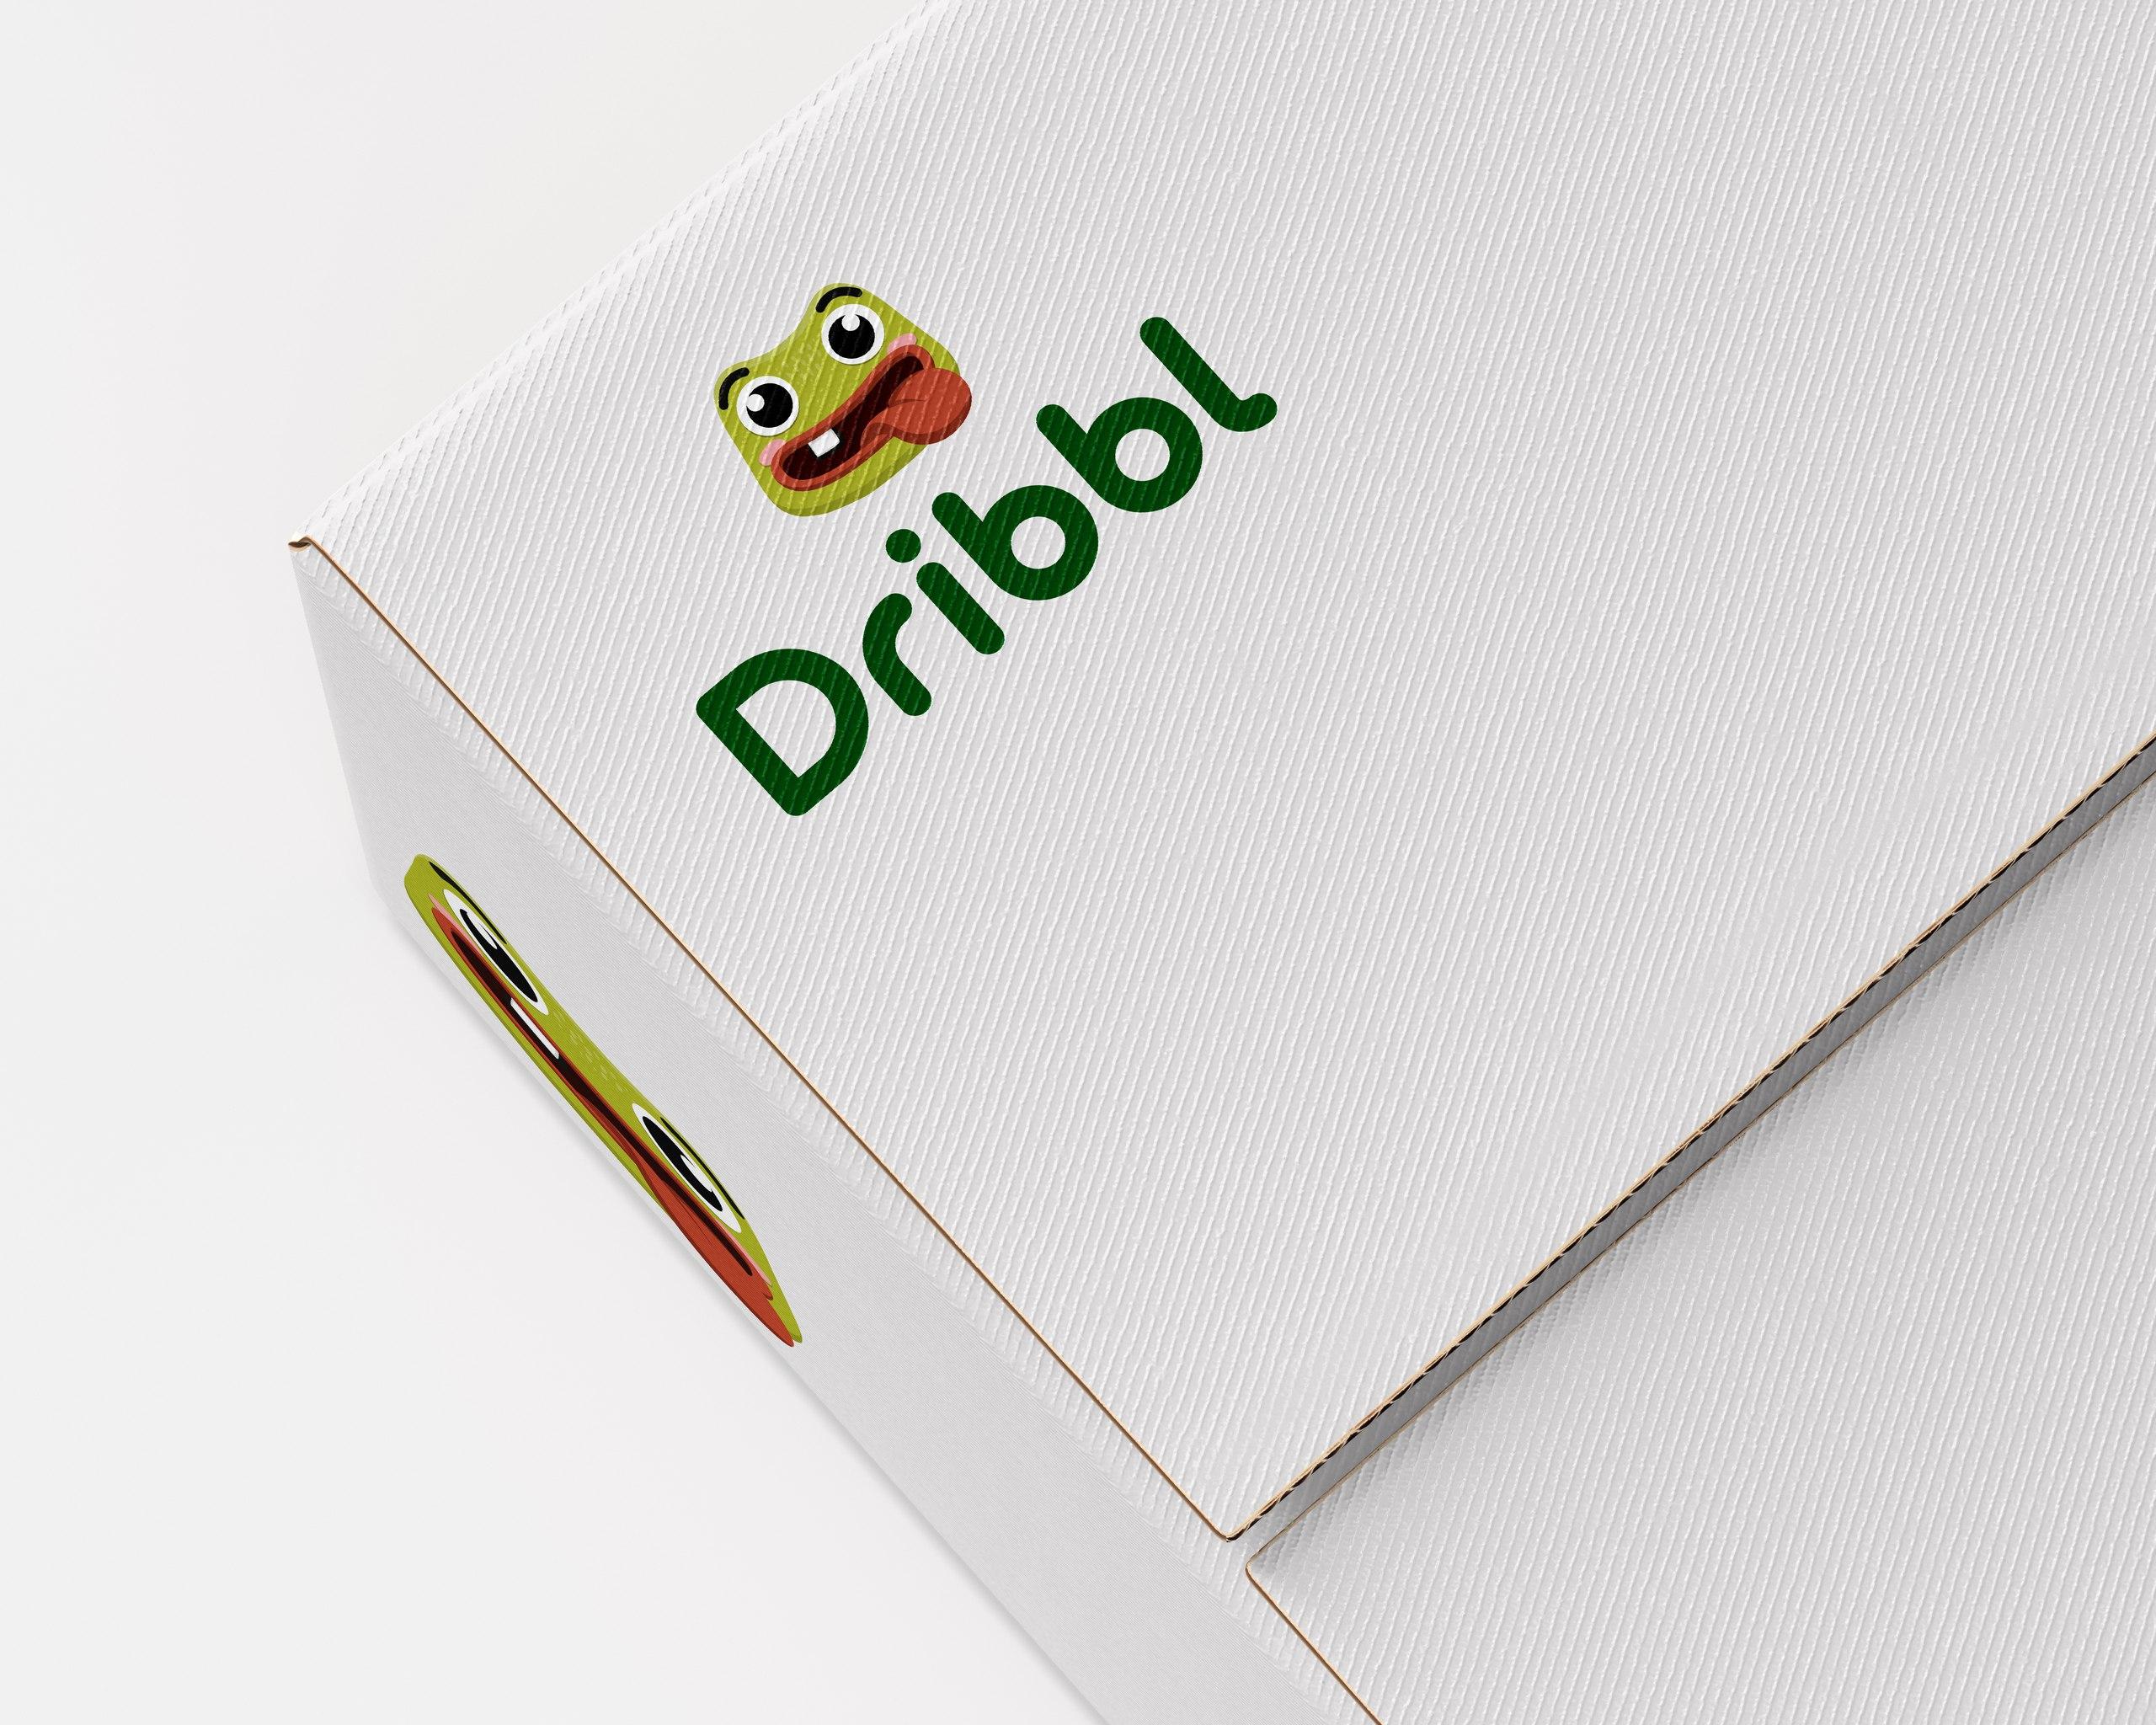 Разработка логотипа для сайта Dribbl.ru фото f_2195a9c2ab38bfcc.jpg